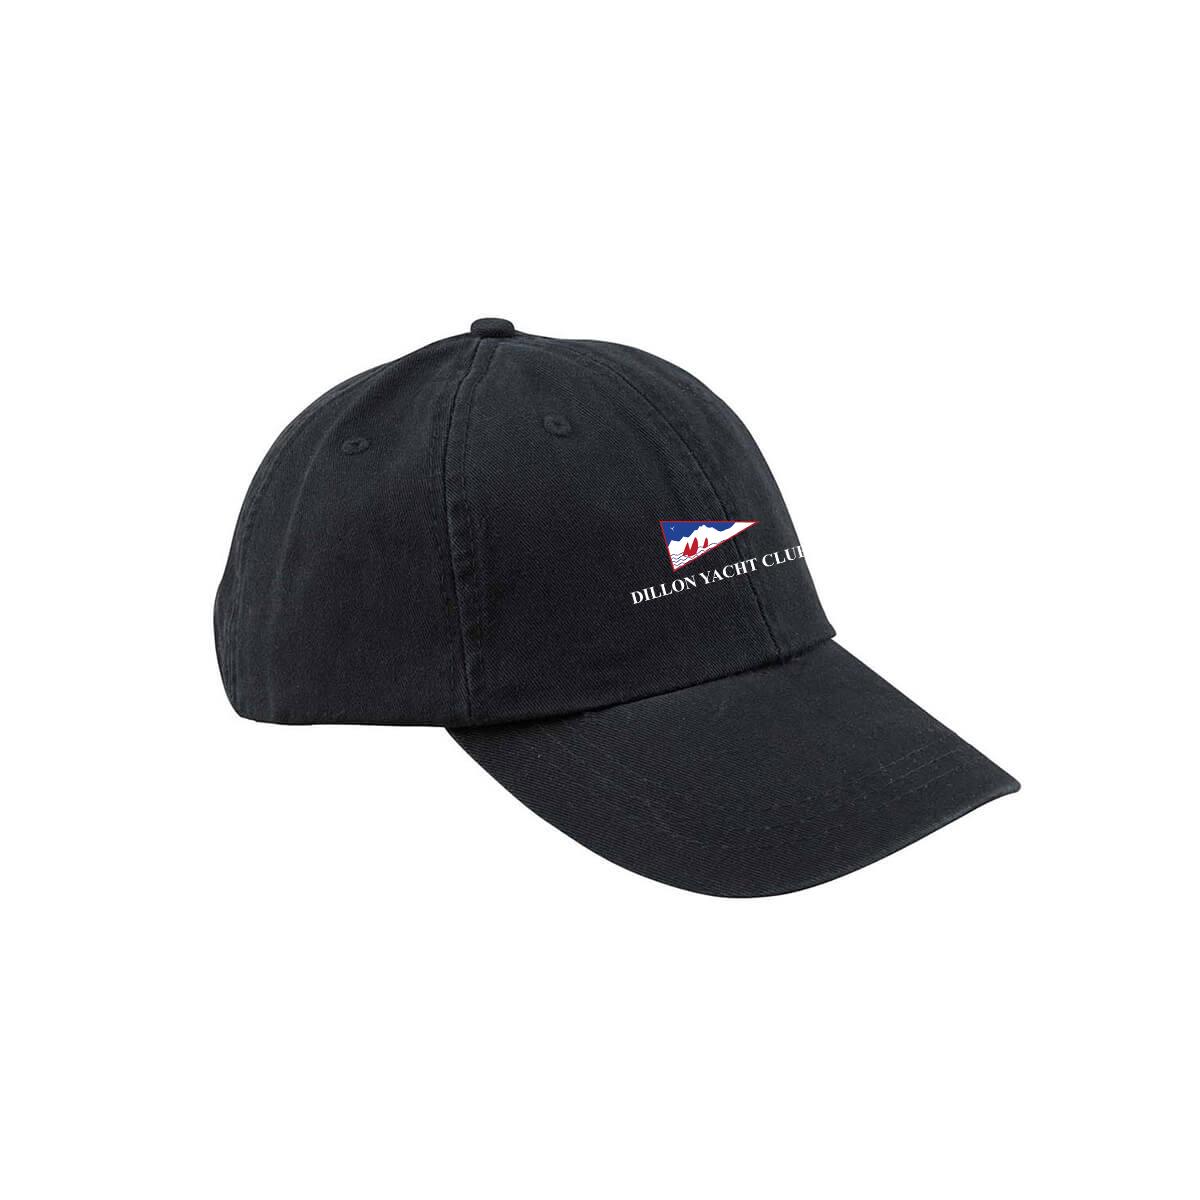 Dillon Yacht Club - HAT